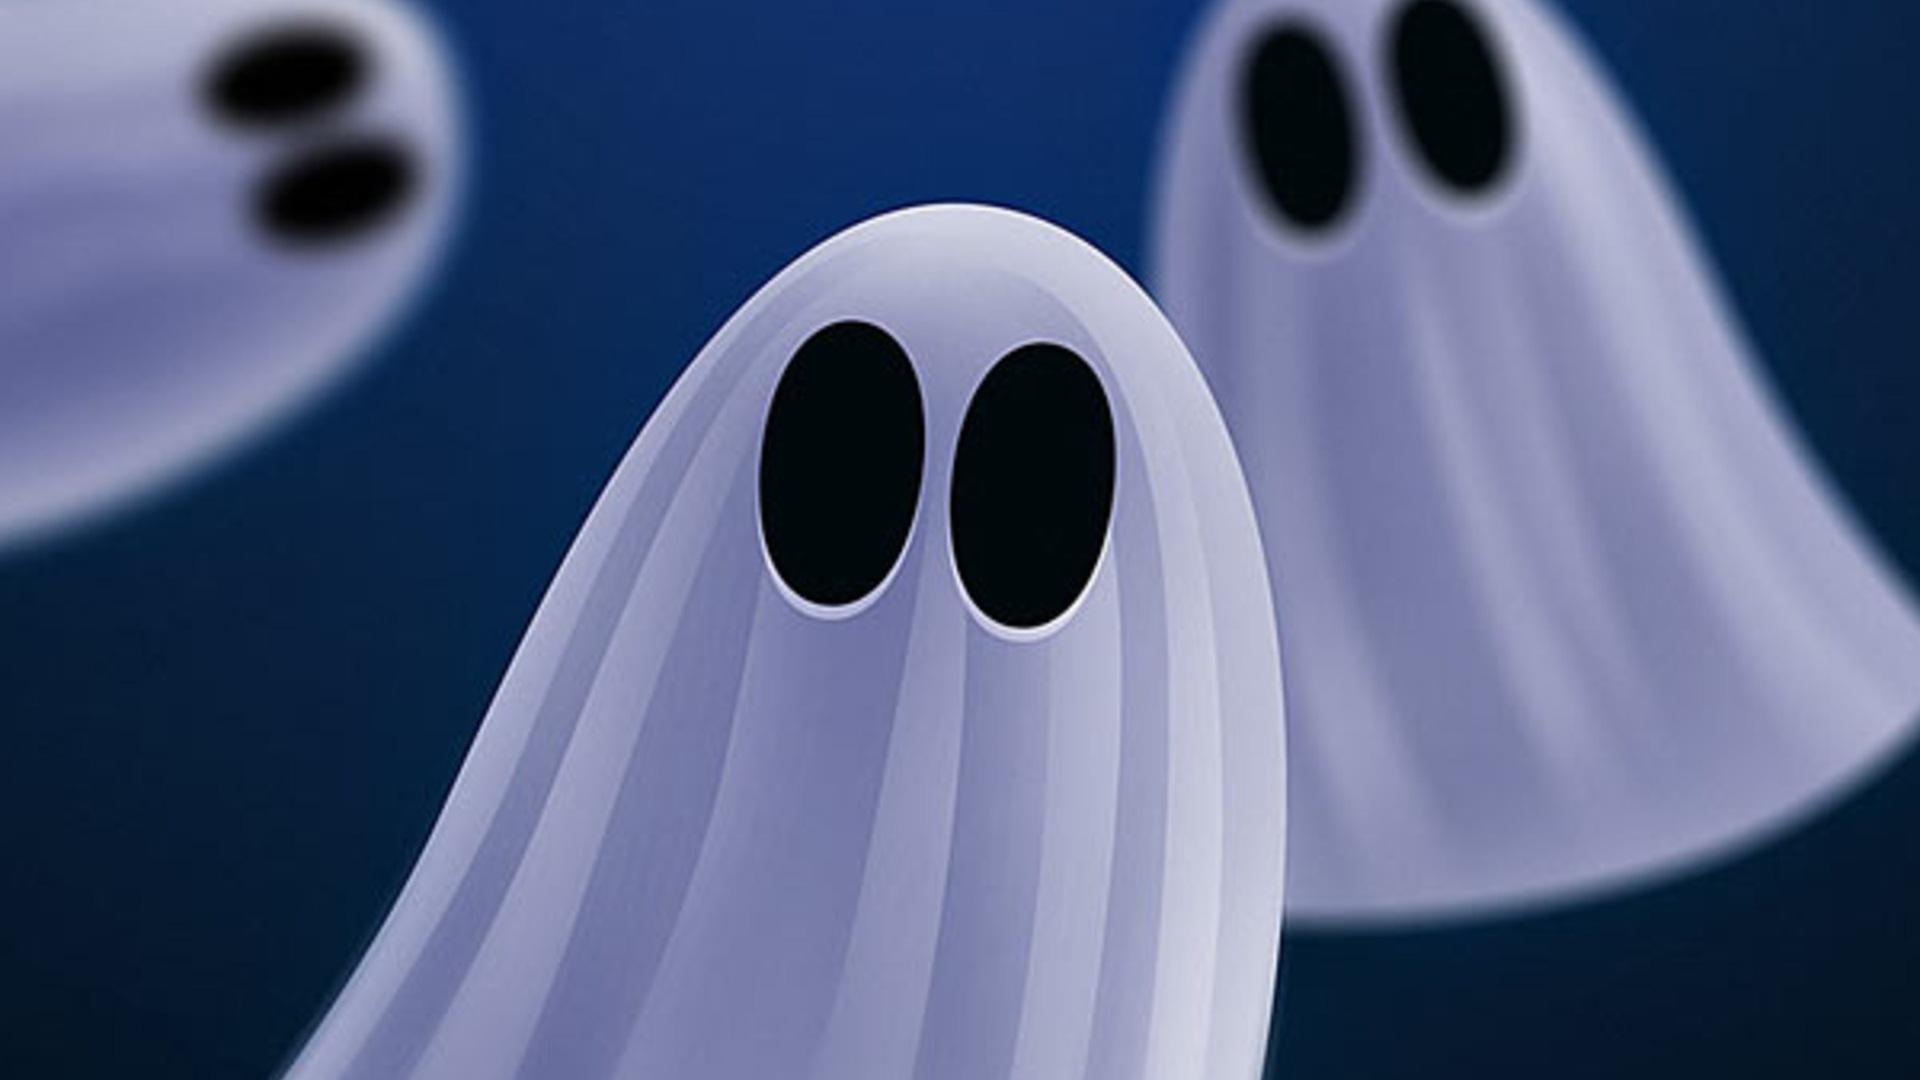 Ghost: Cute, Ghost, Spooky